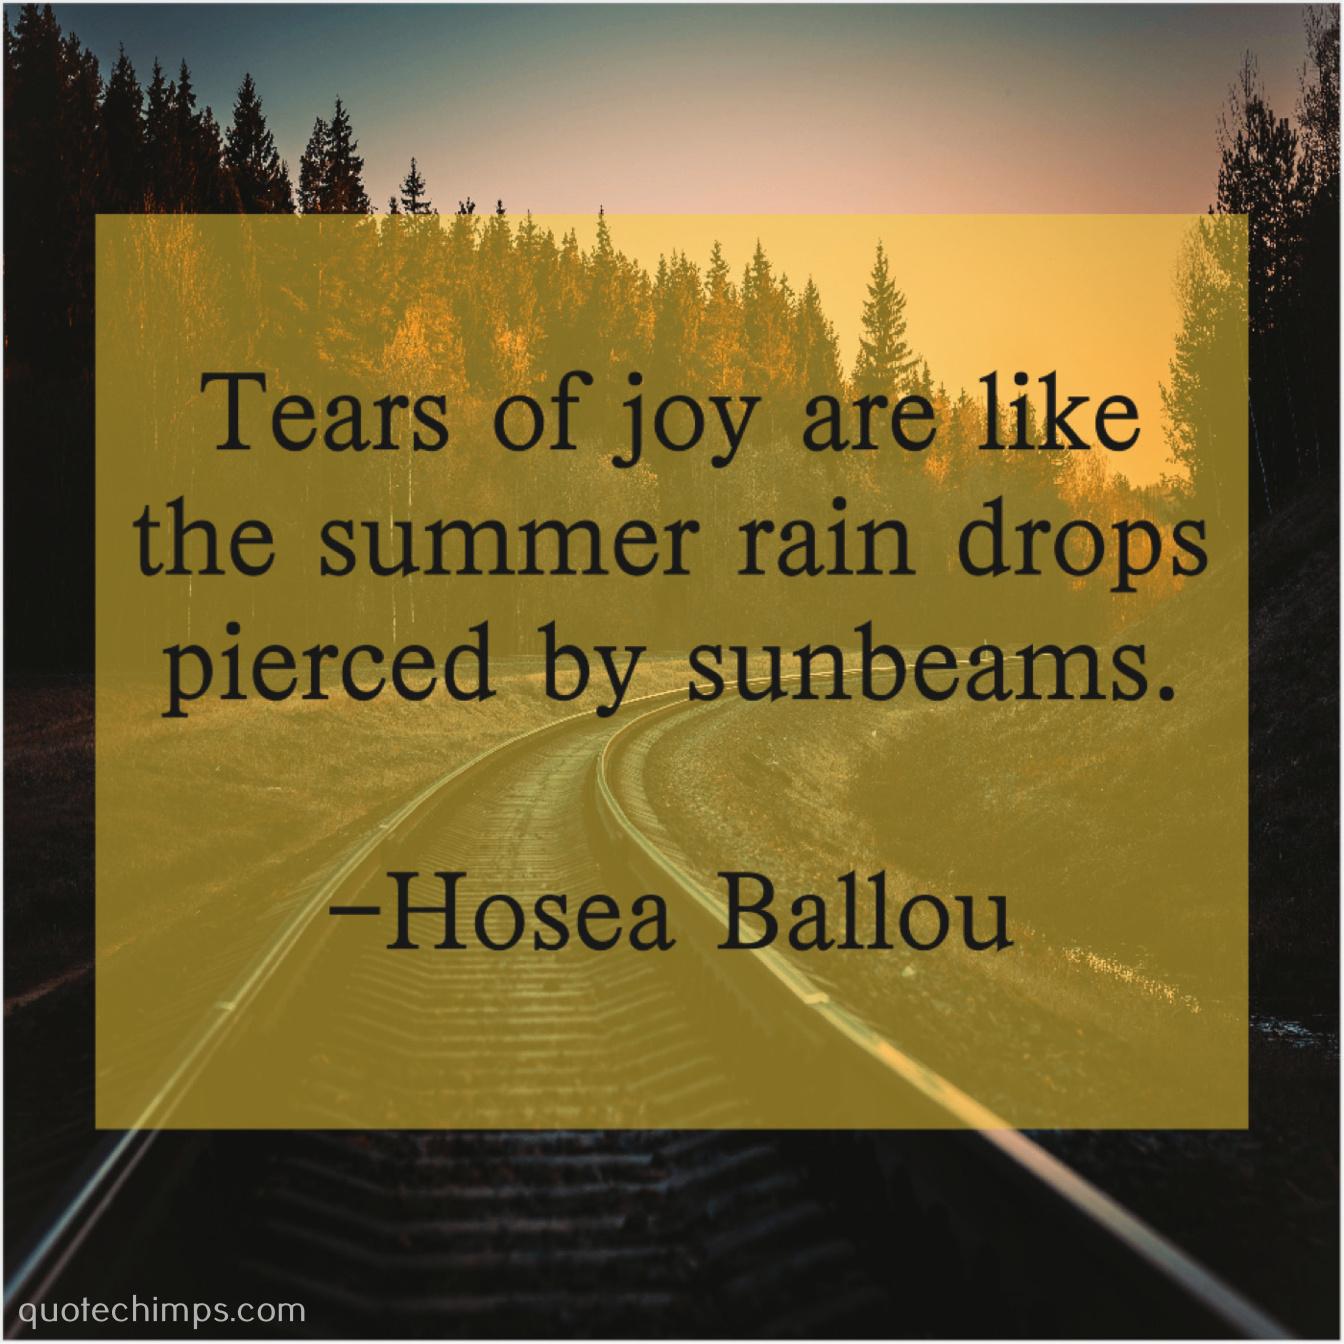 Hosea Ballou Tears Of Joy Are Like